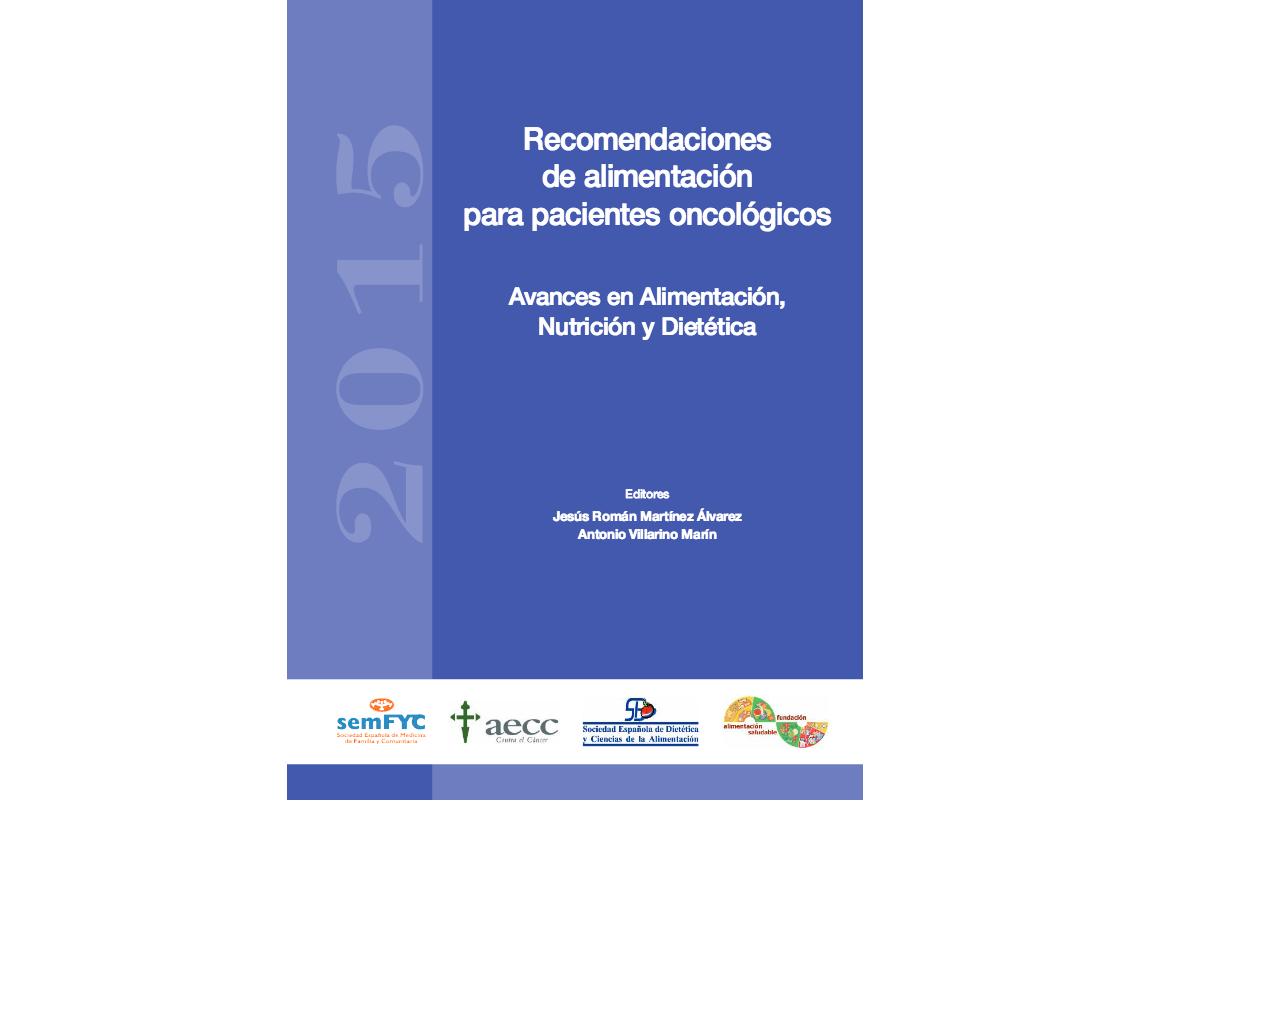 Imagen Destacada - Recomendaciones de alimentación para paciente oncológico